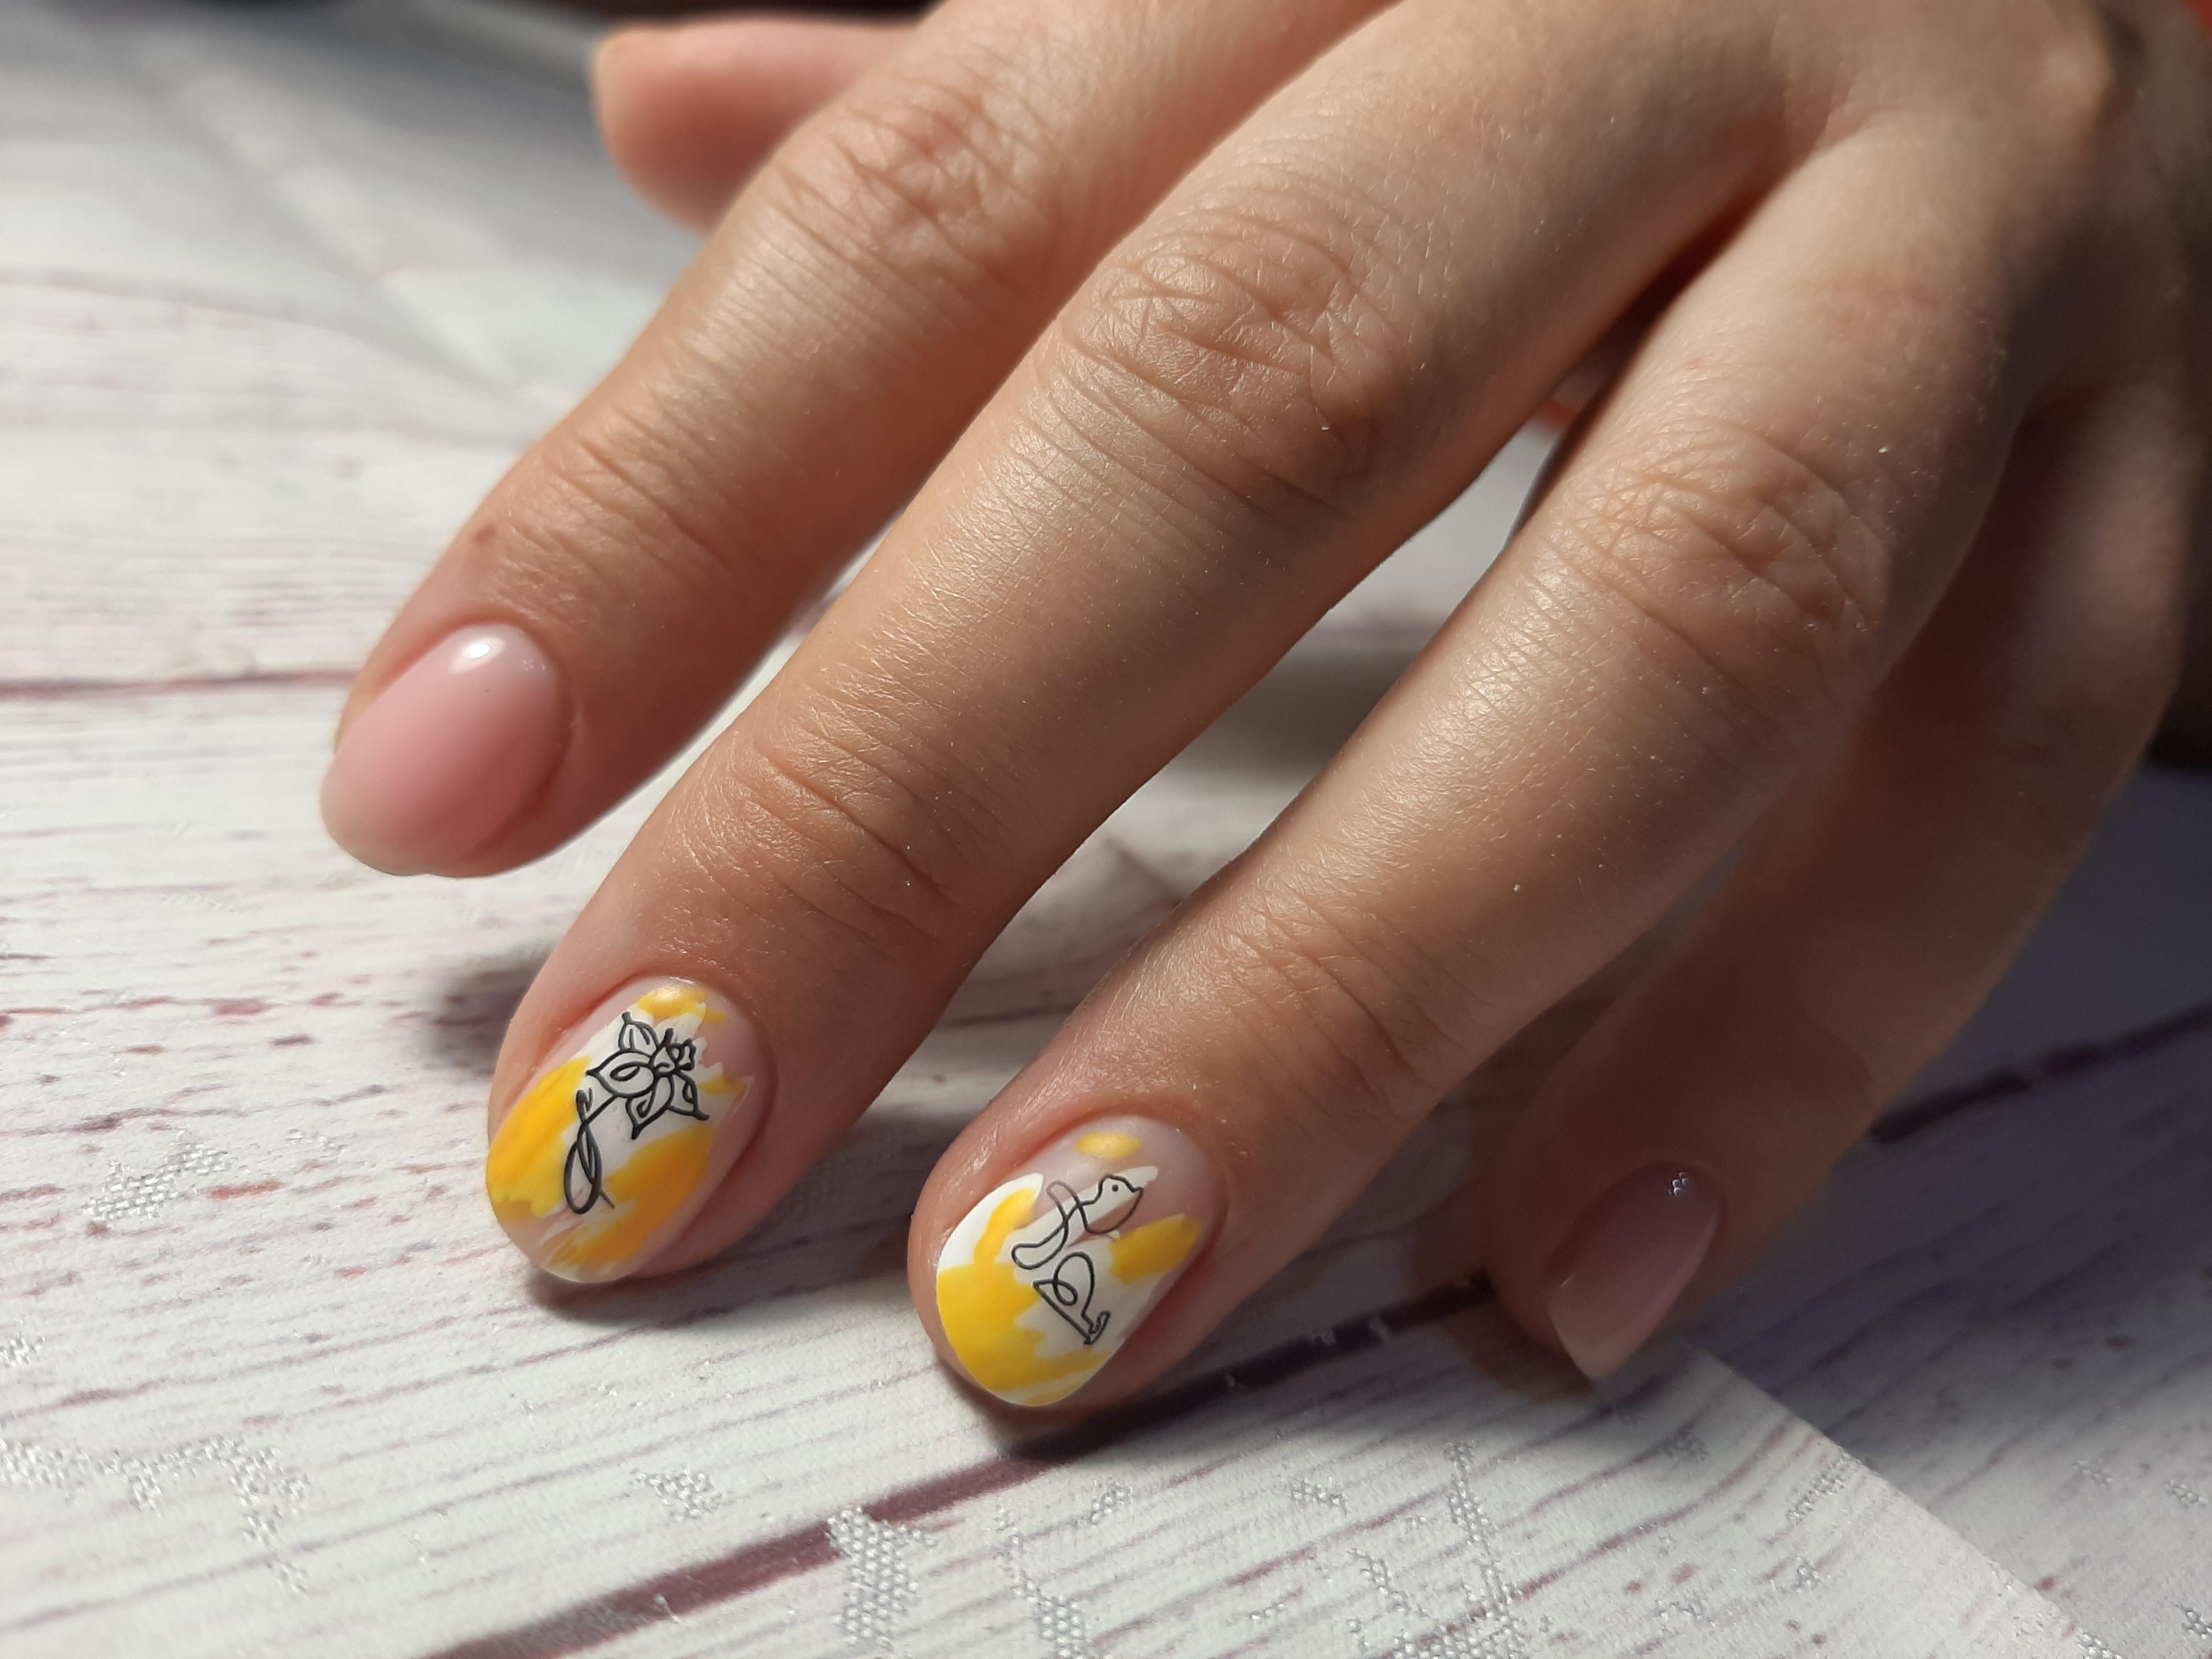 Нюдовый маникюр со слайдерами на короткие ногти.